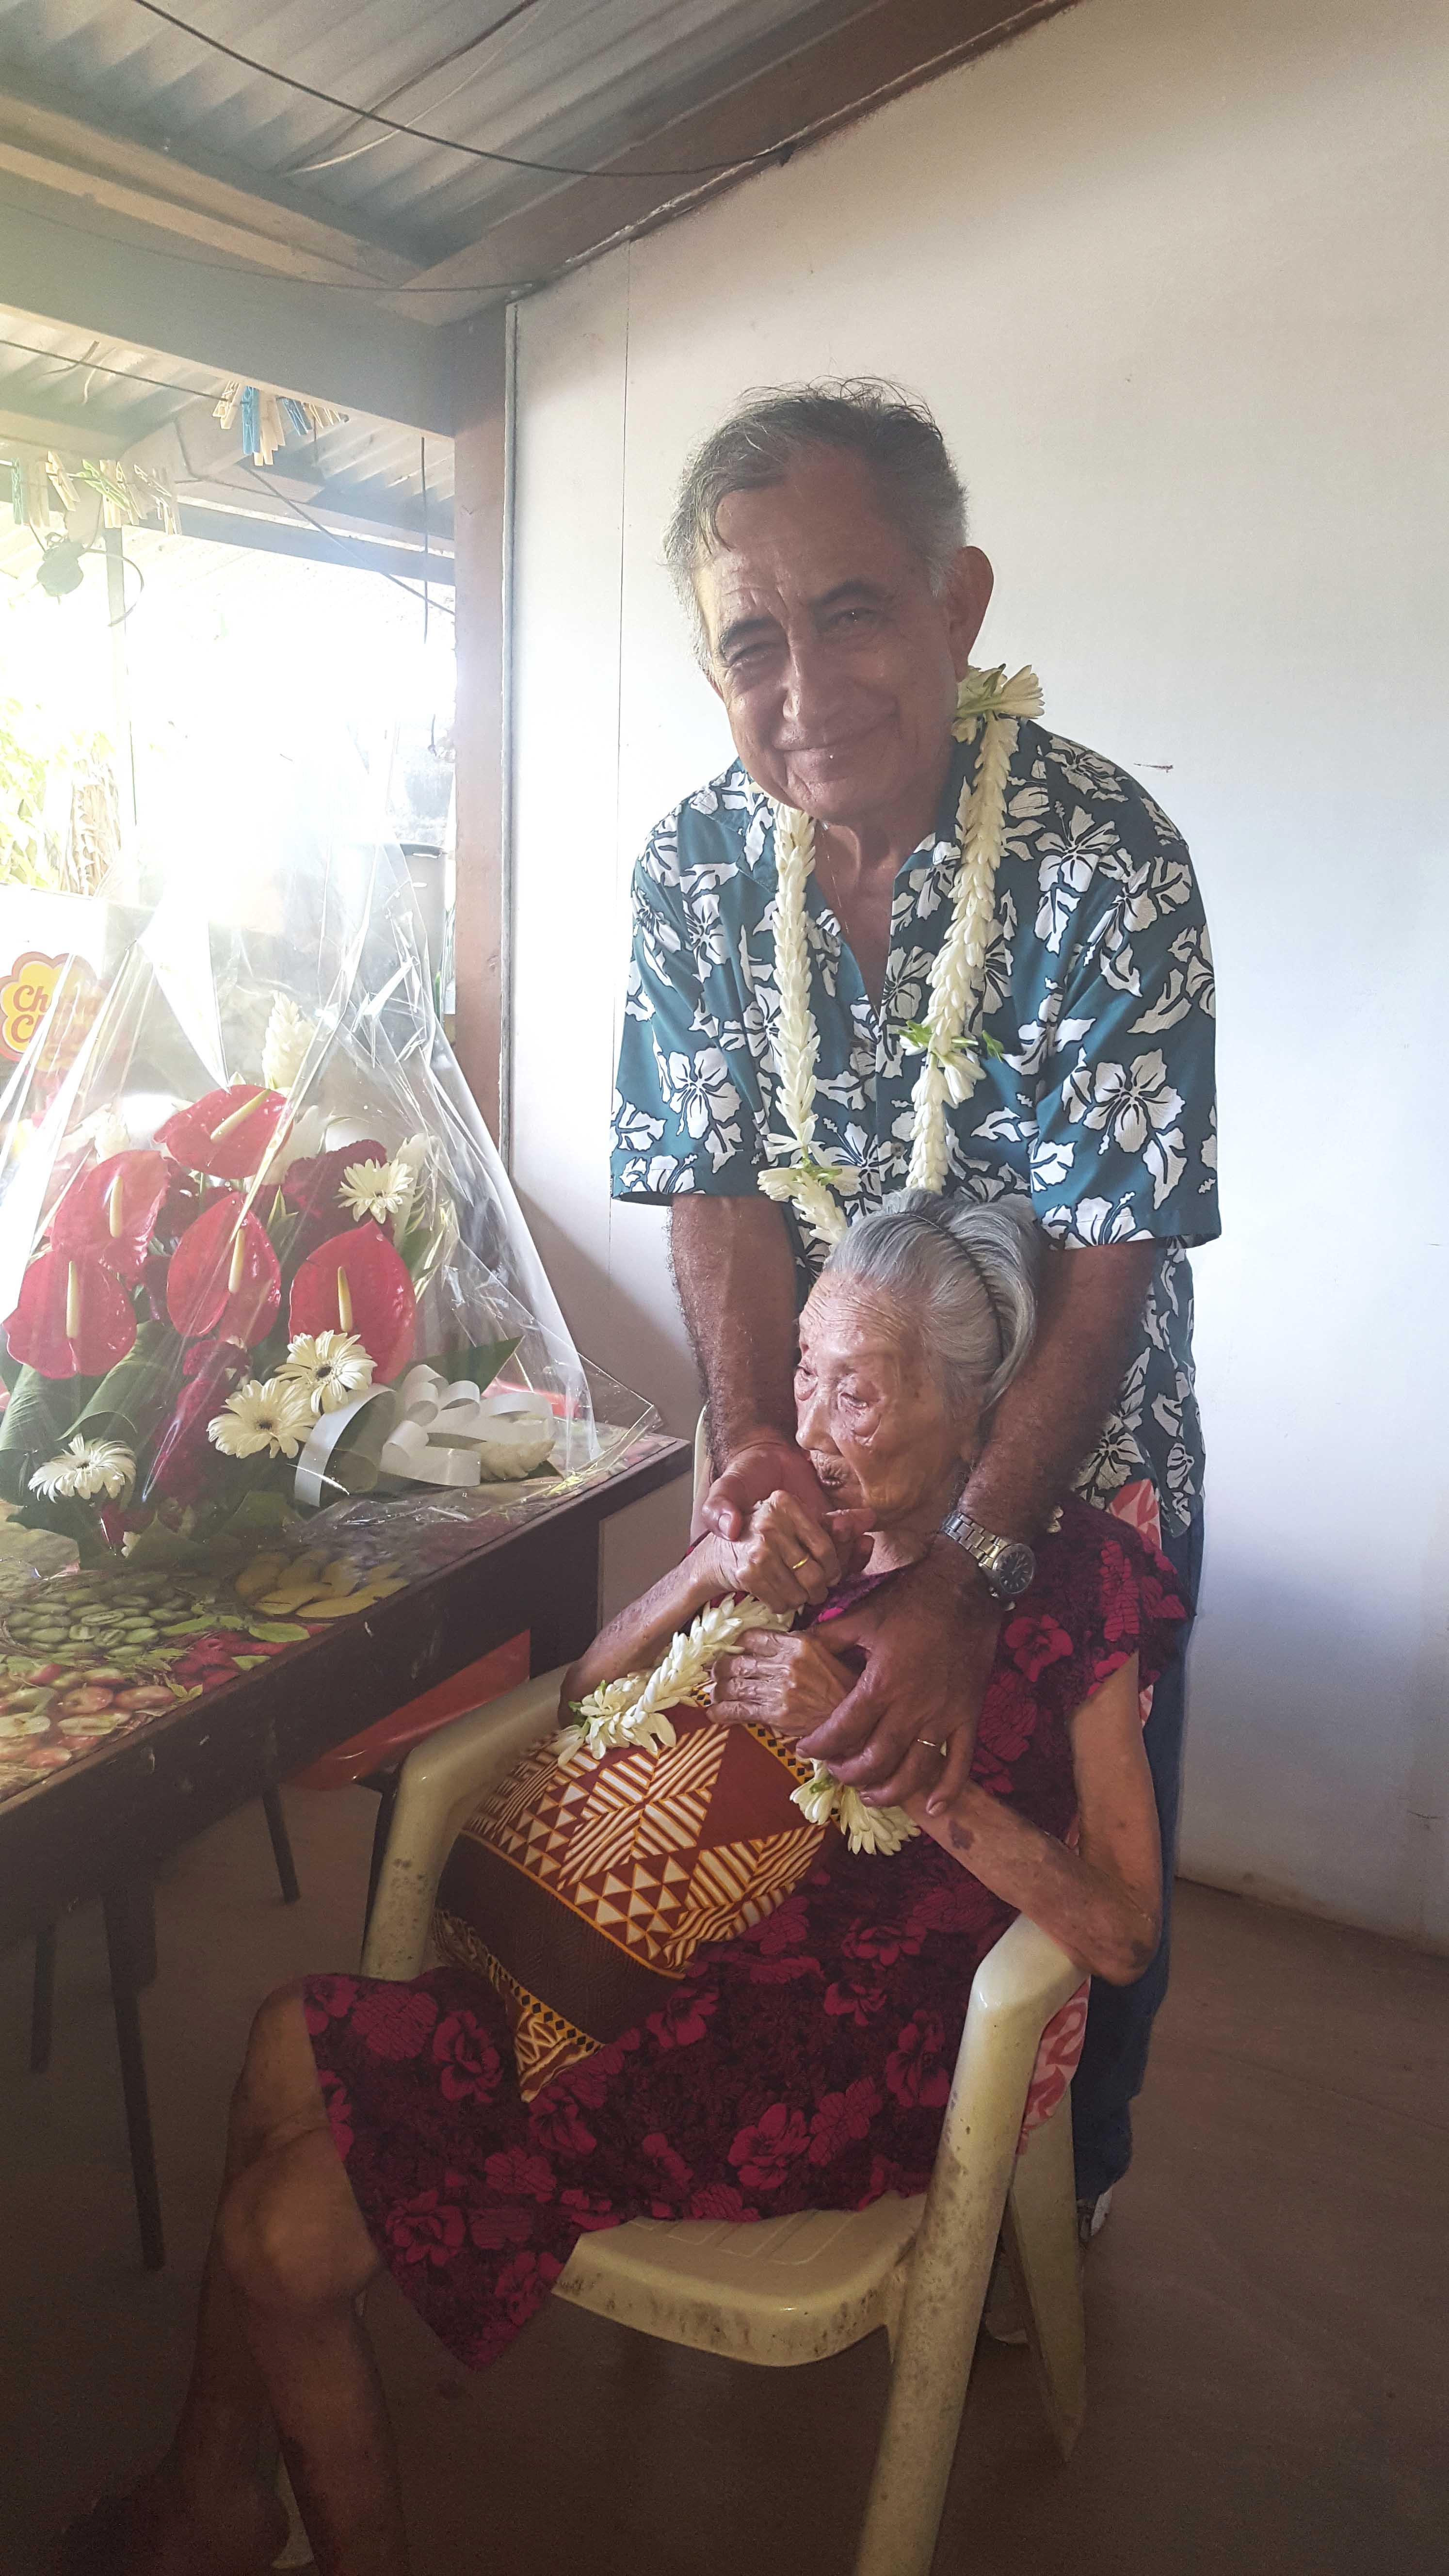 Rose a célébré ses 101 ans mardi dernier. Un jour important aussi pour le maire de la commune qui fêtait aussi son anniversaire.